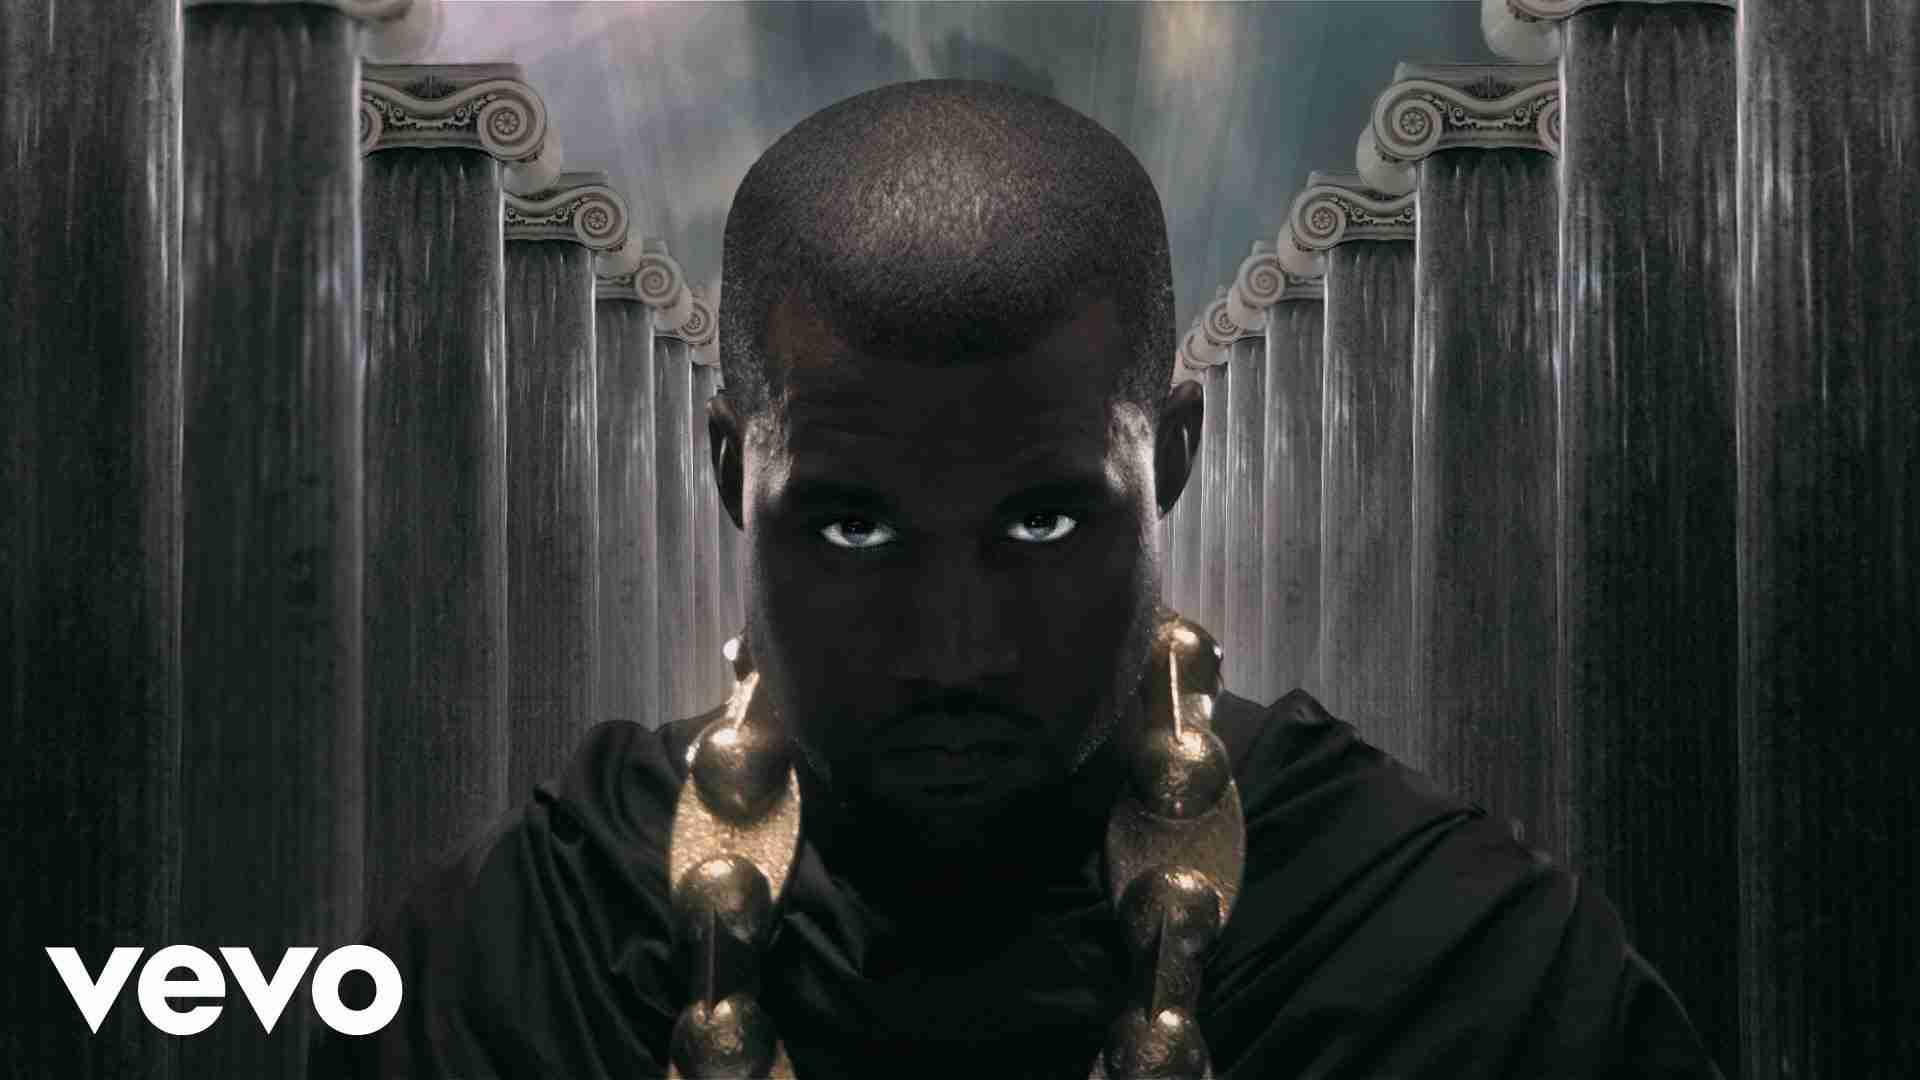 Kanye West - POWER - YouTube